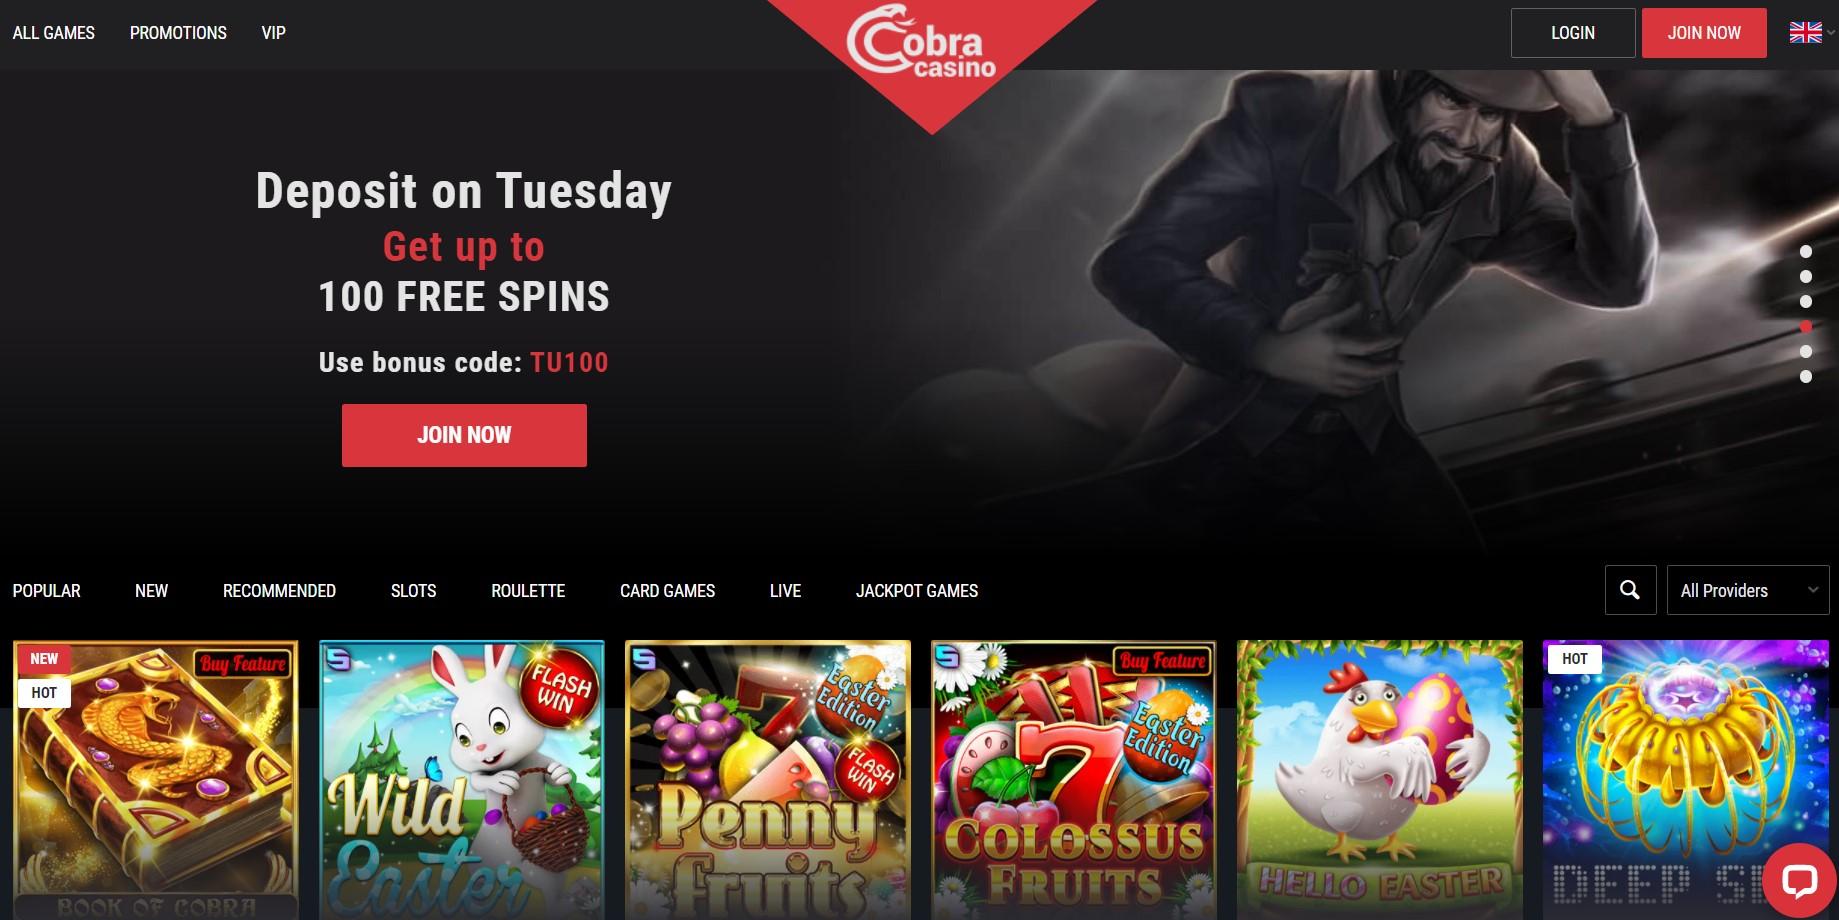 Cobra casino home page